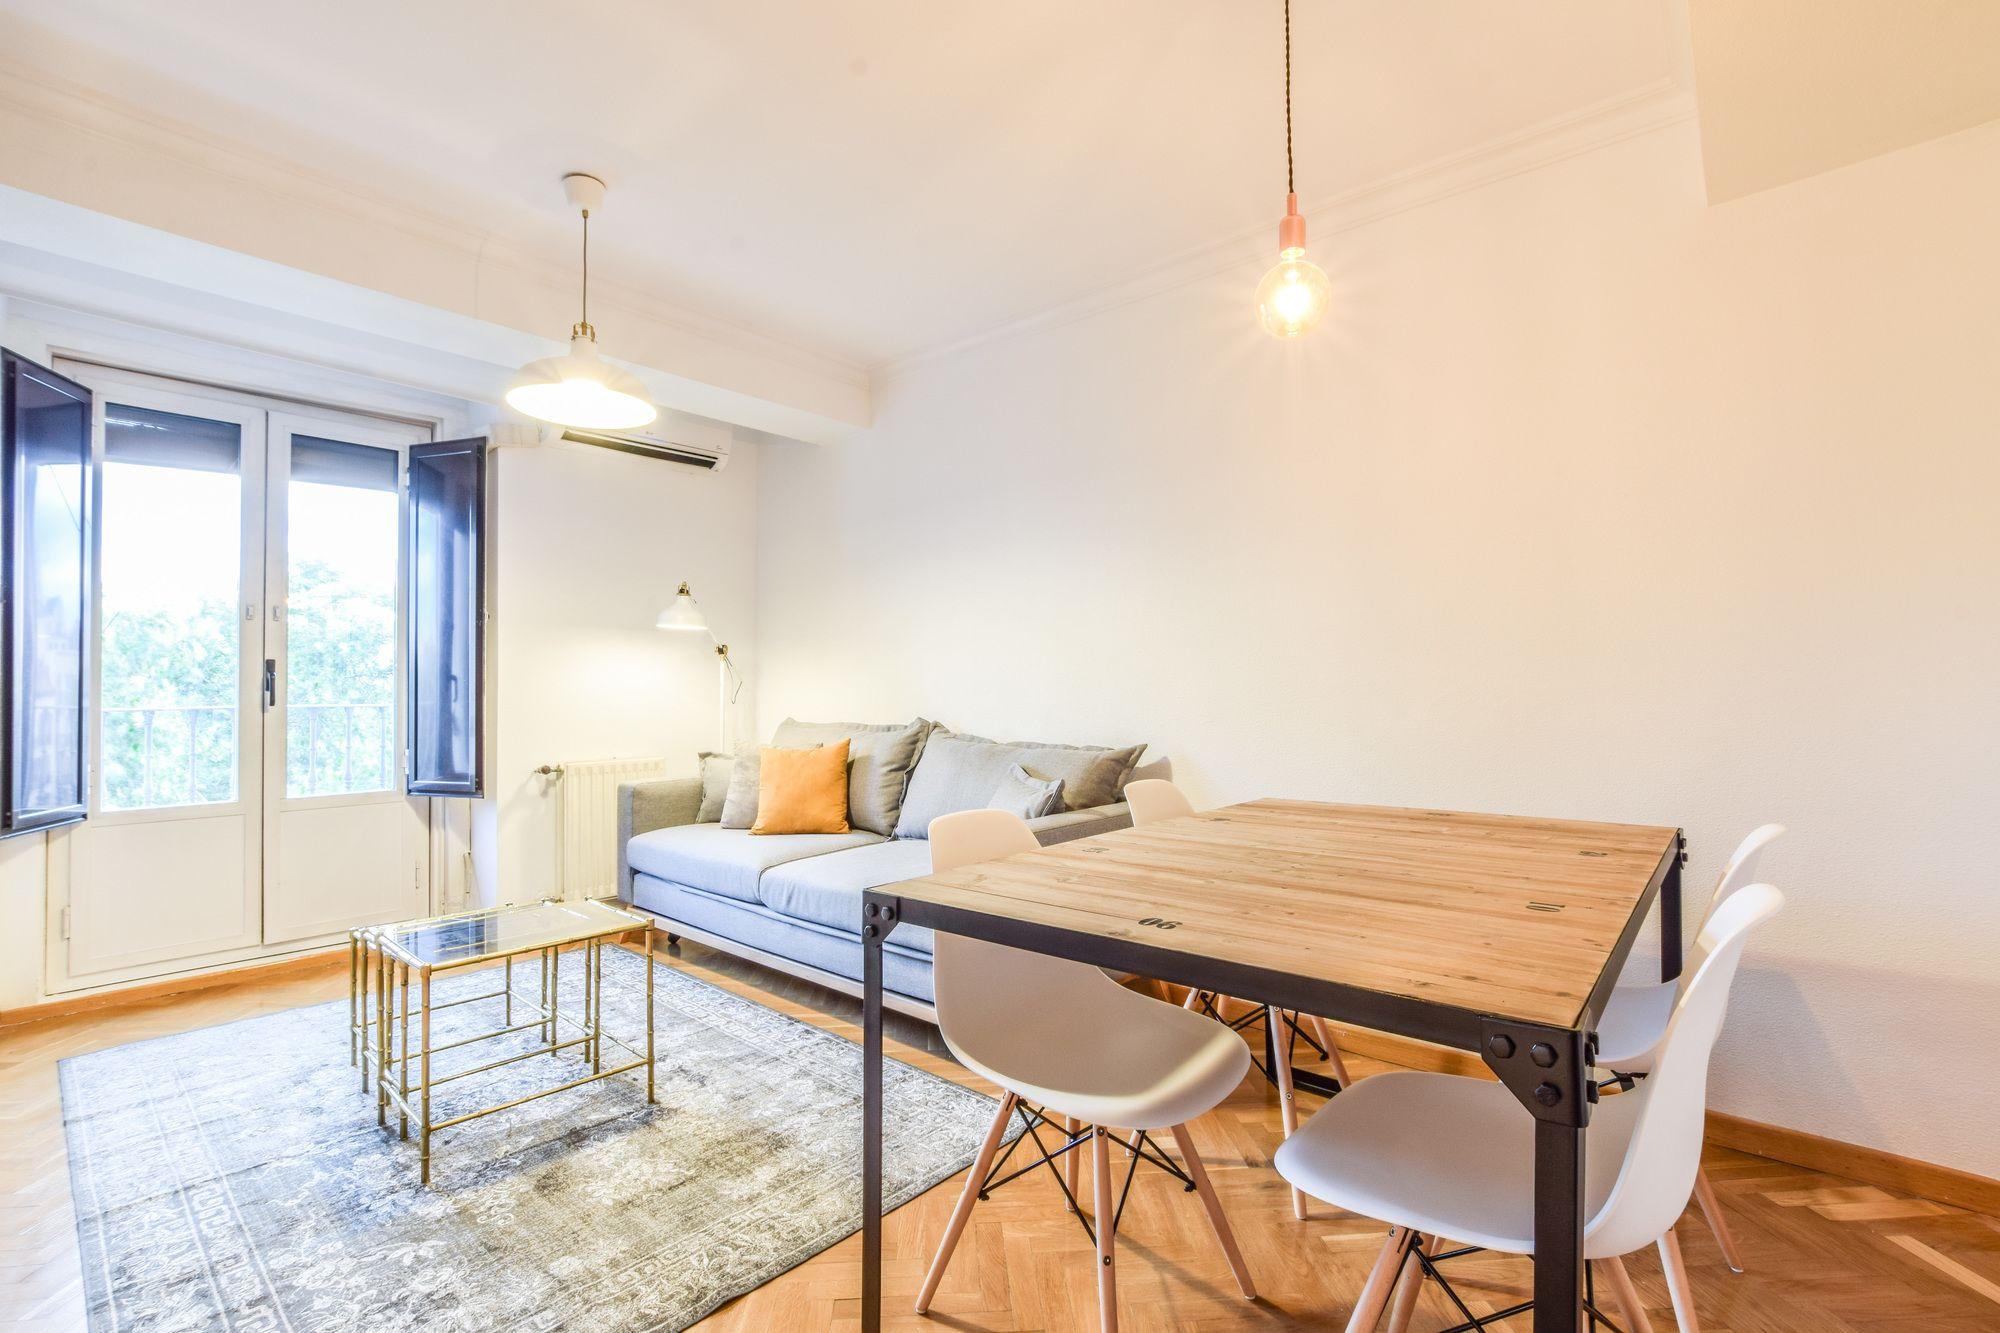 Room to Rent Tirso de Molina